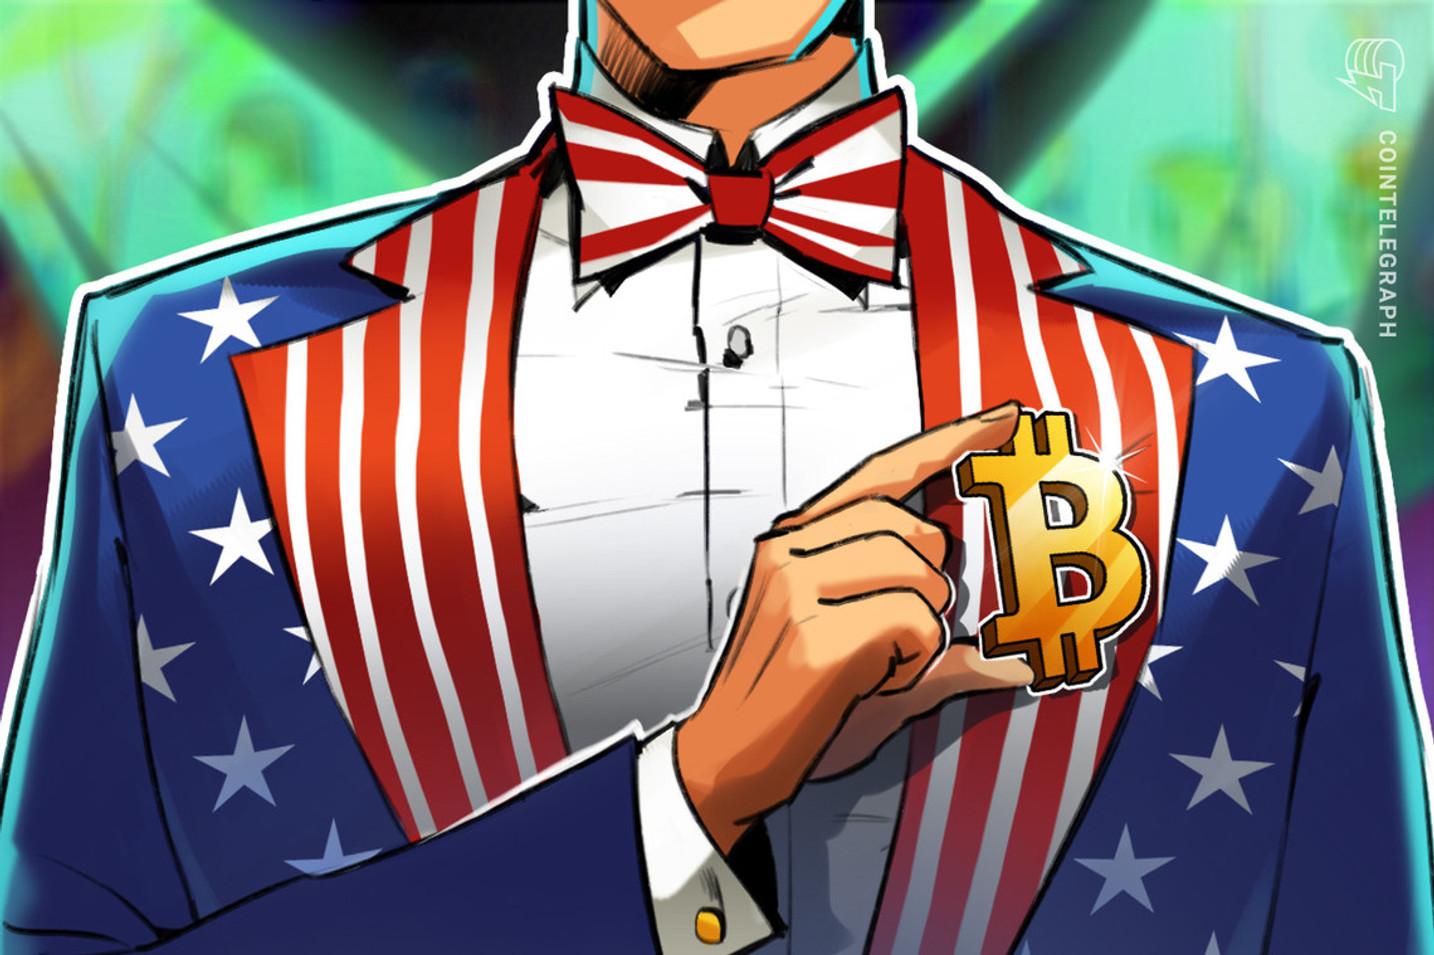 Los gobiernos están buscando comprar Bitcoin, confirma el CEO de NYDIG